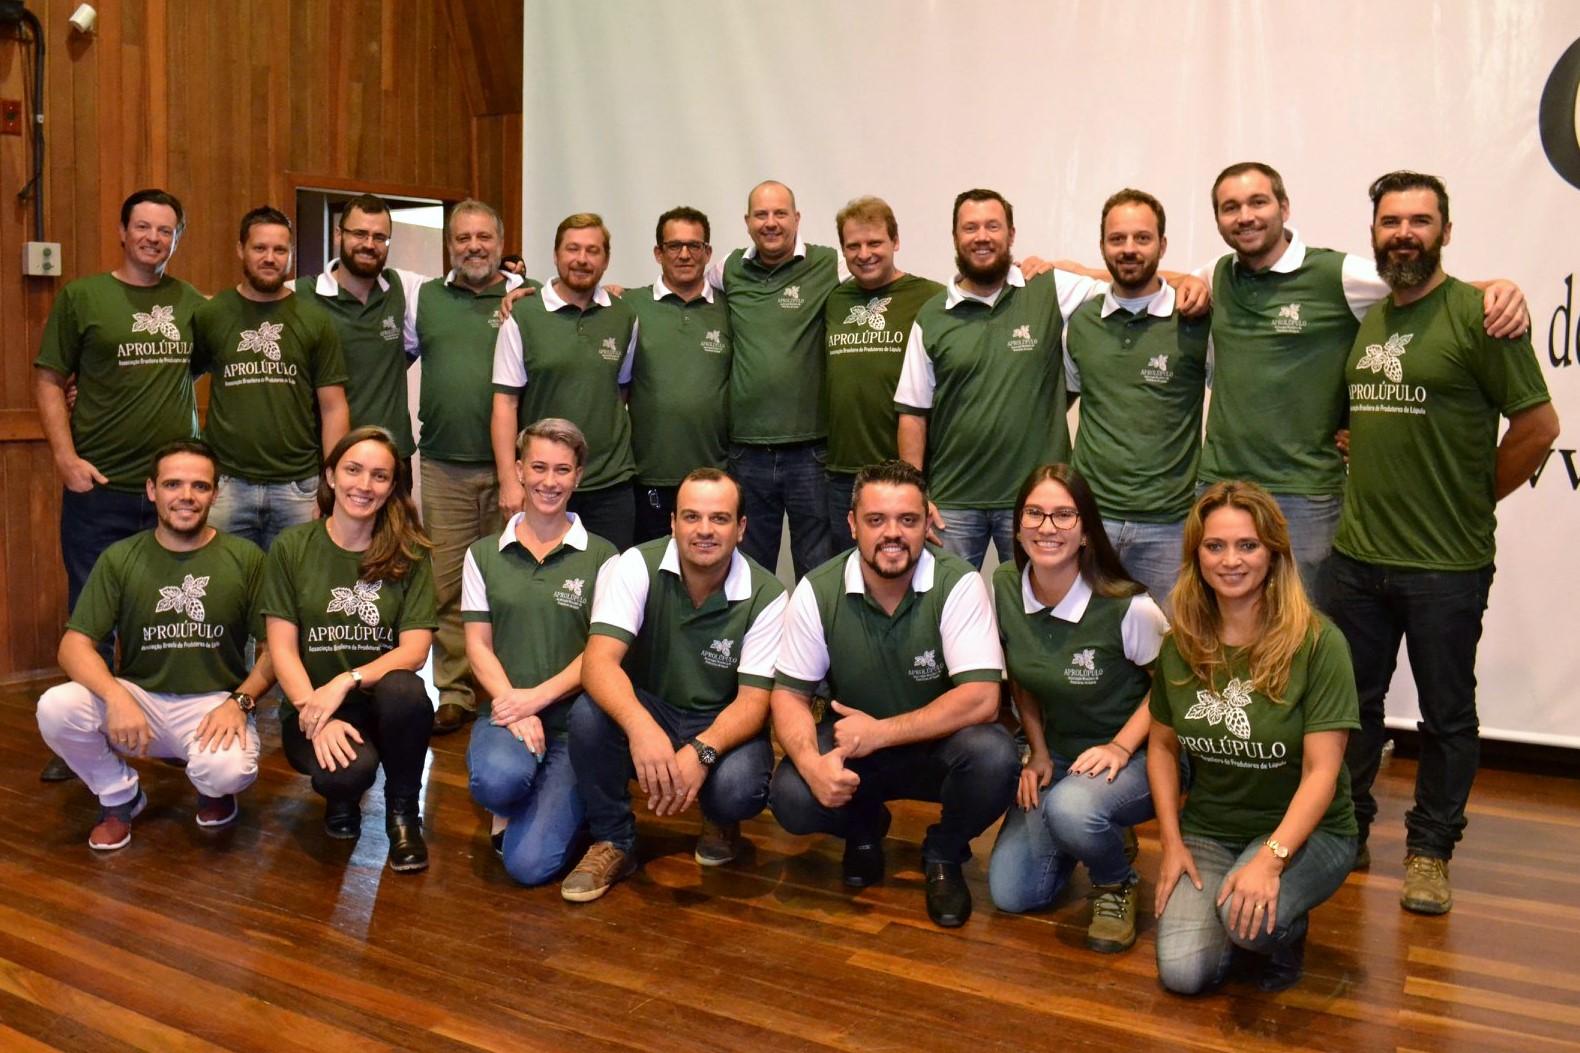 Assembleia de constituição da Aprolúpulo ocorreu sábado, 19, na Udesc Lages - Foto: Divulgação